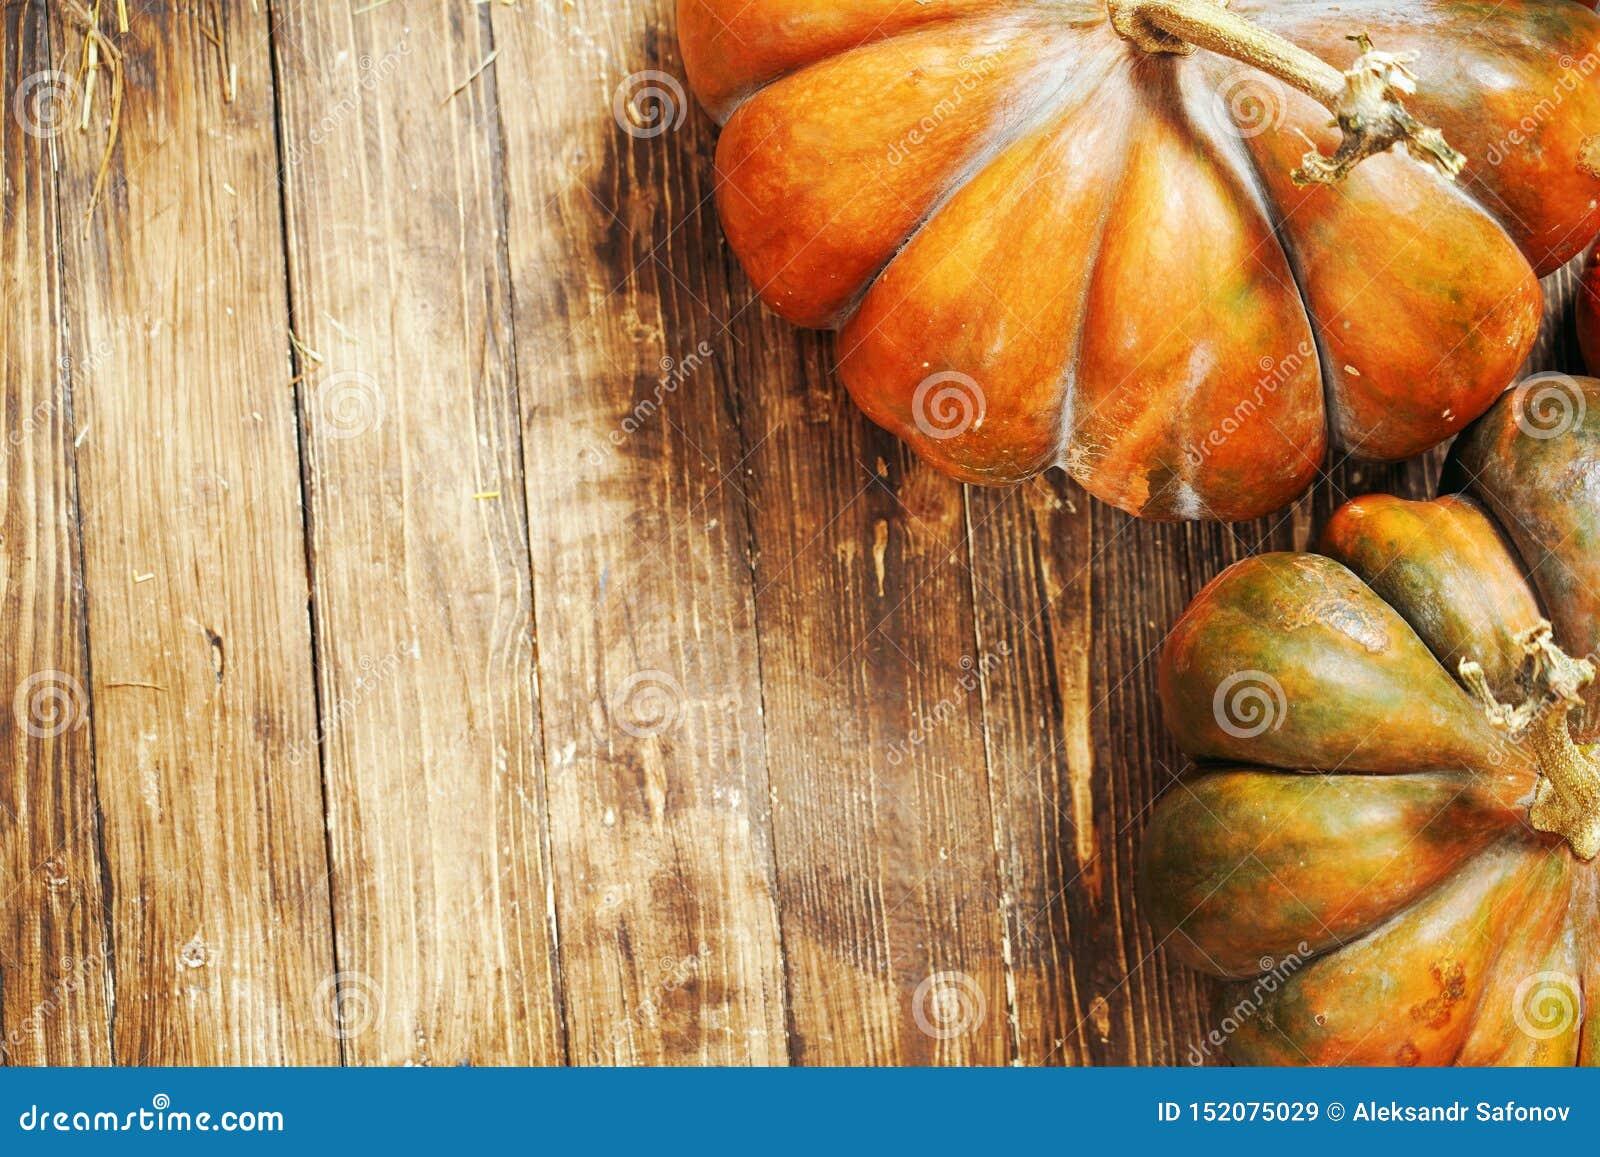 Bania na drewnianym tle jesieni wciąż życie bania na brąz drewnianej podłodze bania w górę strzału od odgórnego punktu